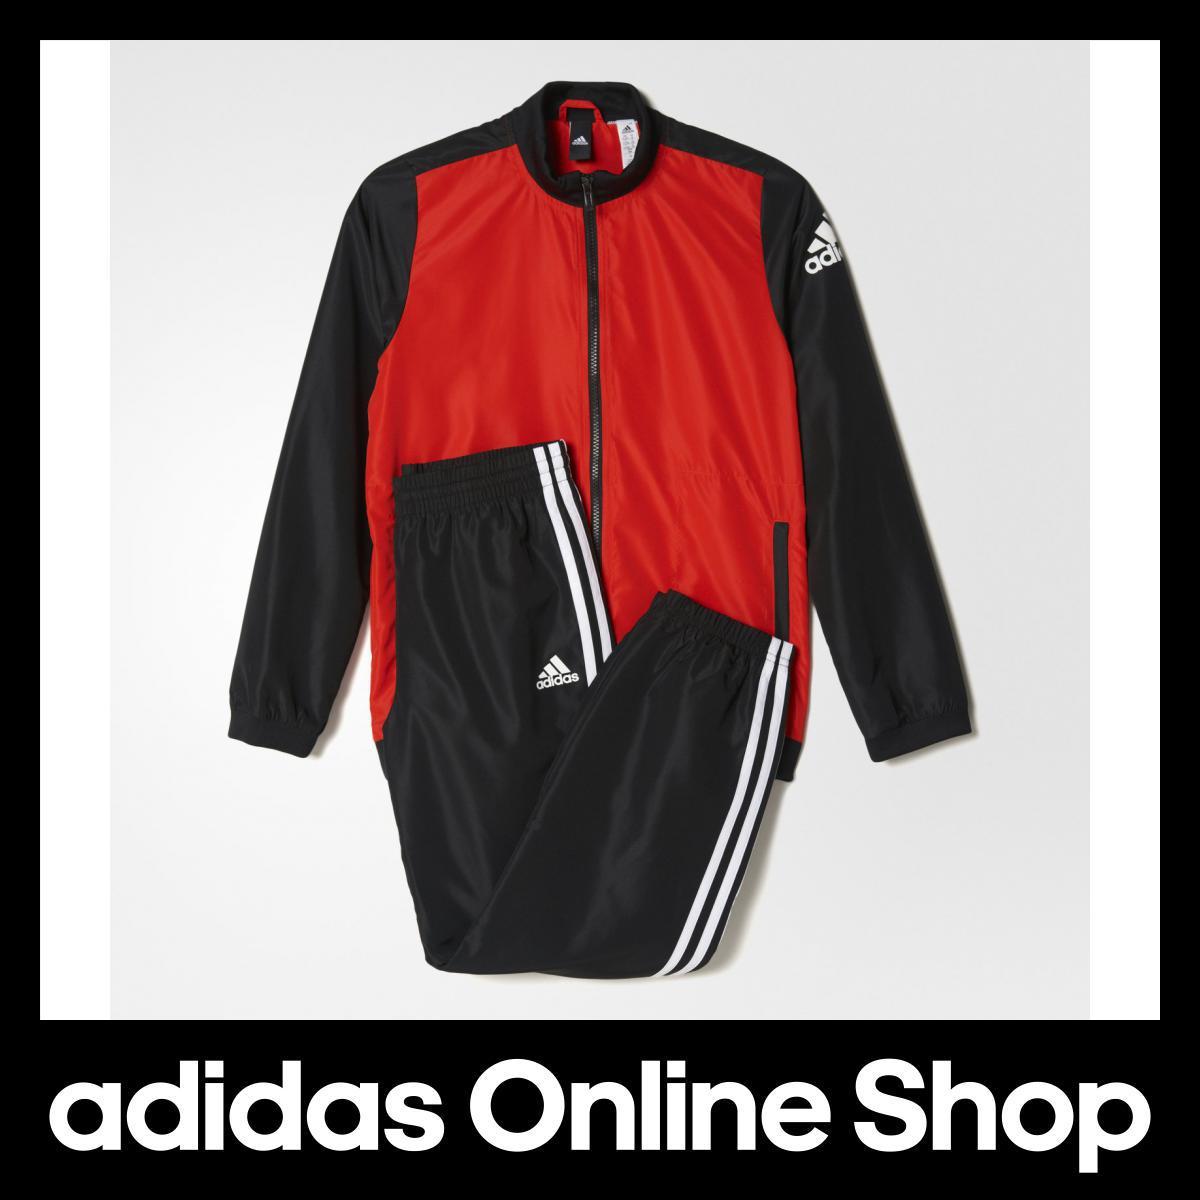 【公式】アディダス adidas Boys ウーブントラックスーツ上下セット (ジョガーパンツ) キッズ BQ3010 ウェア ウィンドブレーカー ボーイ アパレル ポリエステル プレーンウィーブ